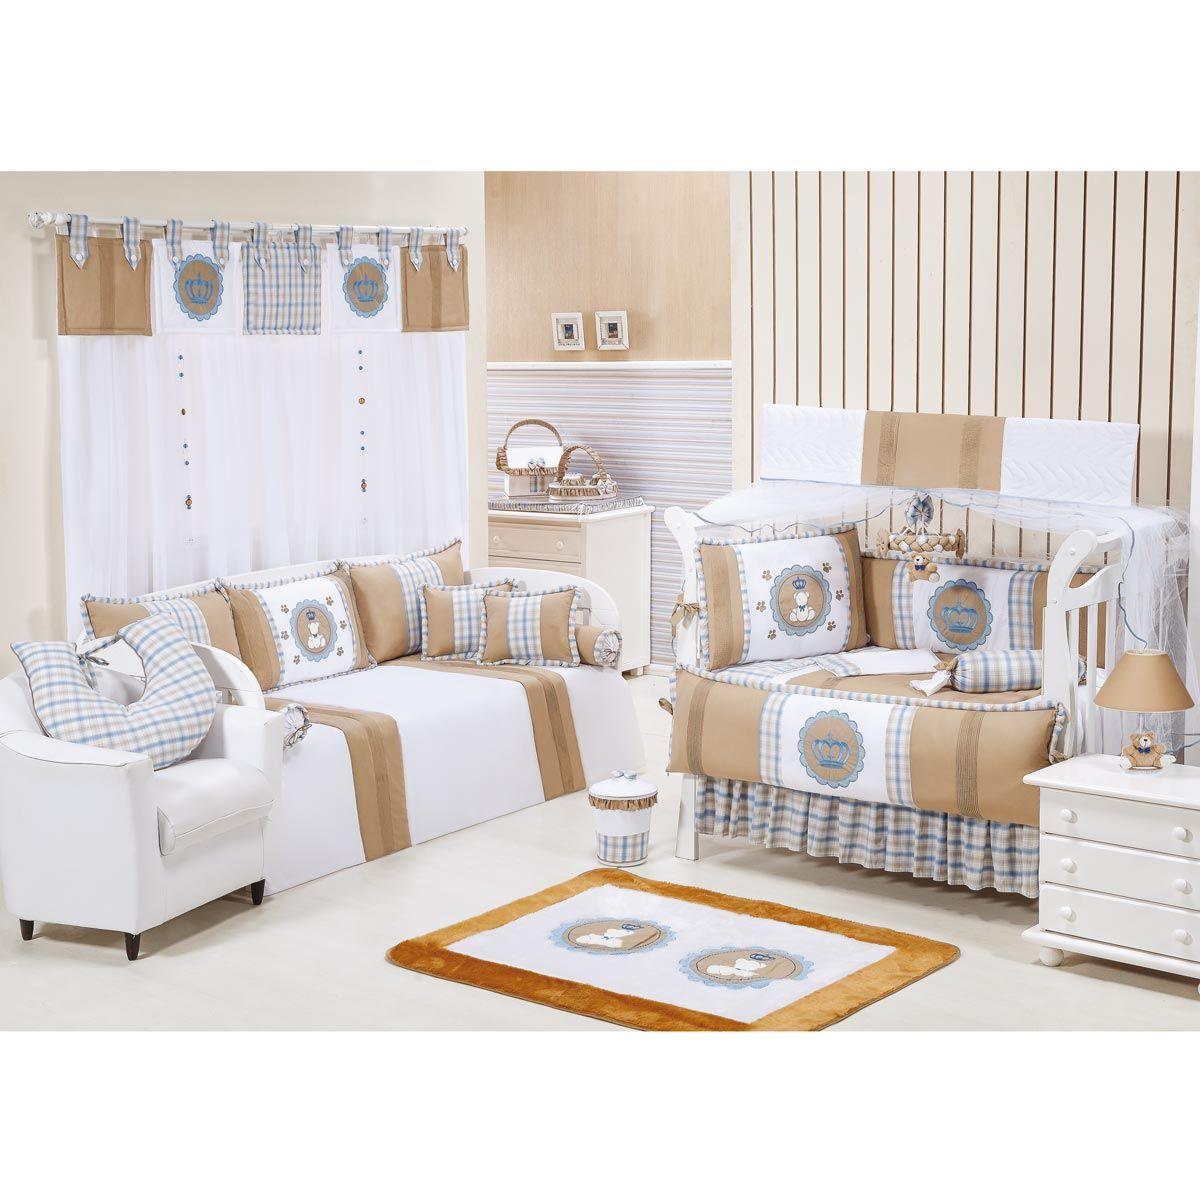 Tapete para Quarto de Bebê de Pelúcia - Coleção Príncipe Baby